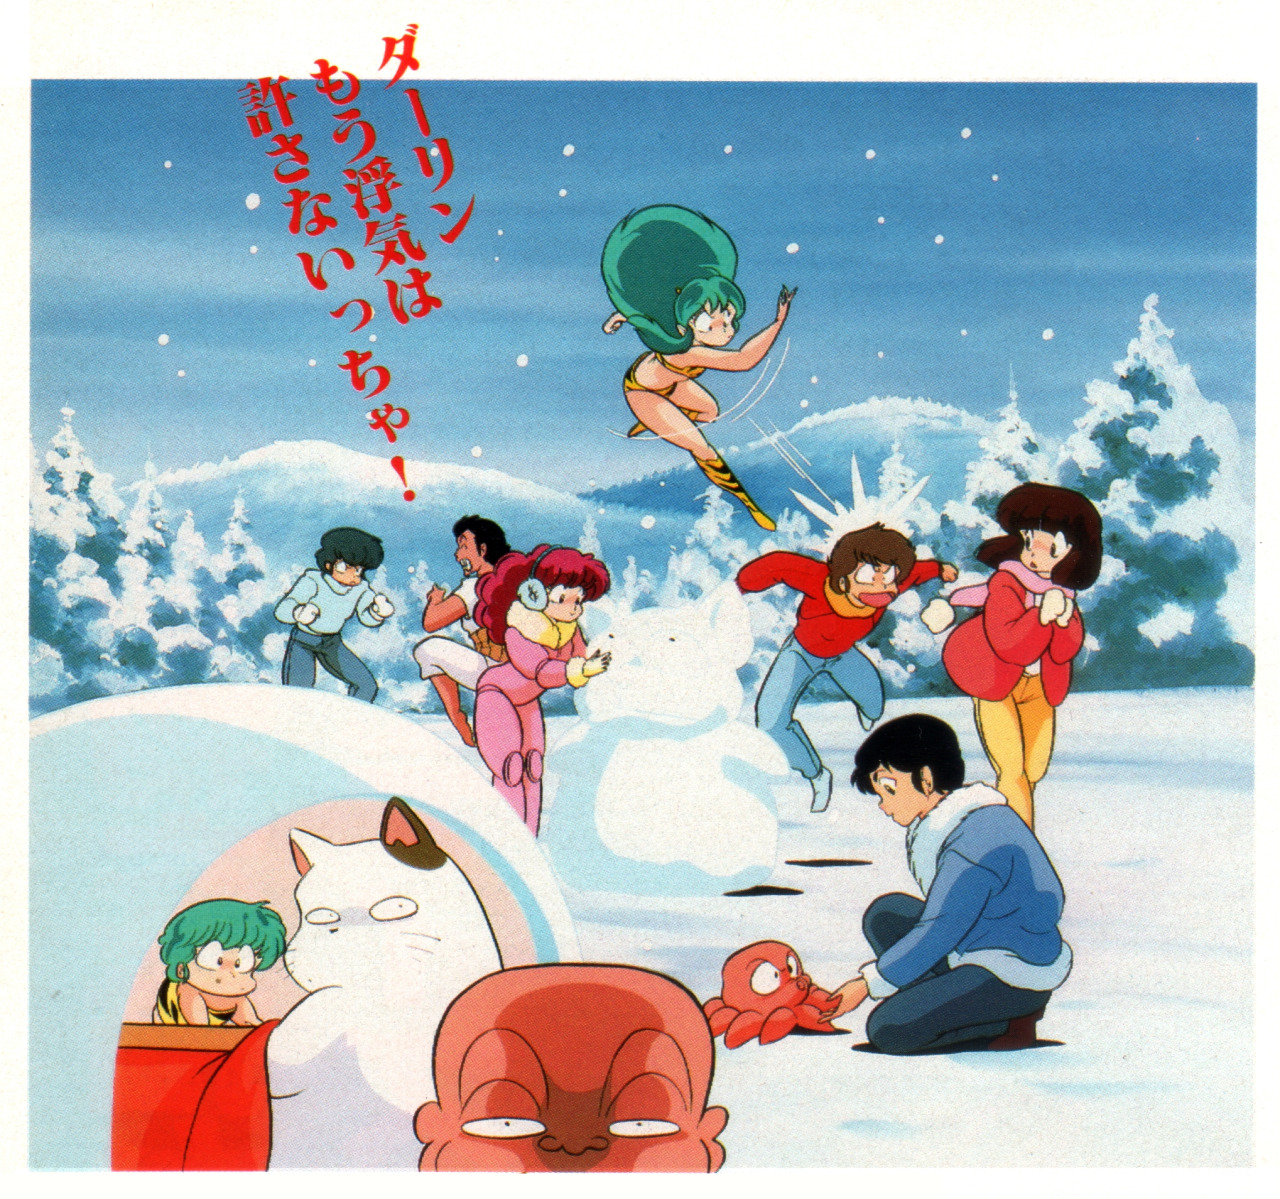 Featured image for Urusei Yatsura - illustration by Atsuko Nakajima / Animage...